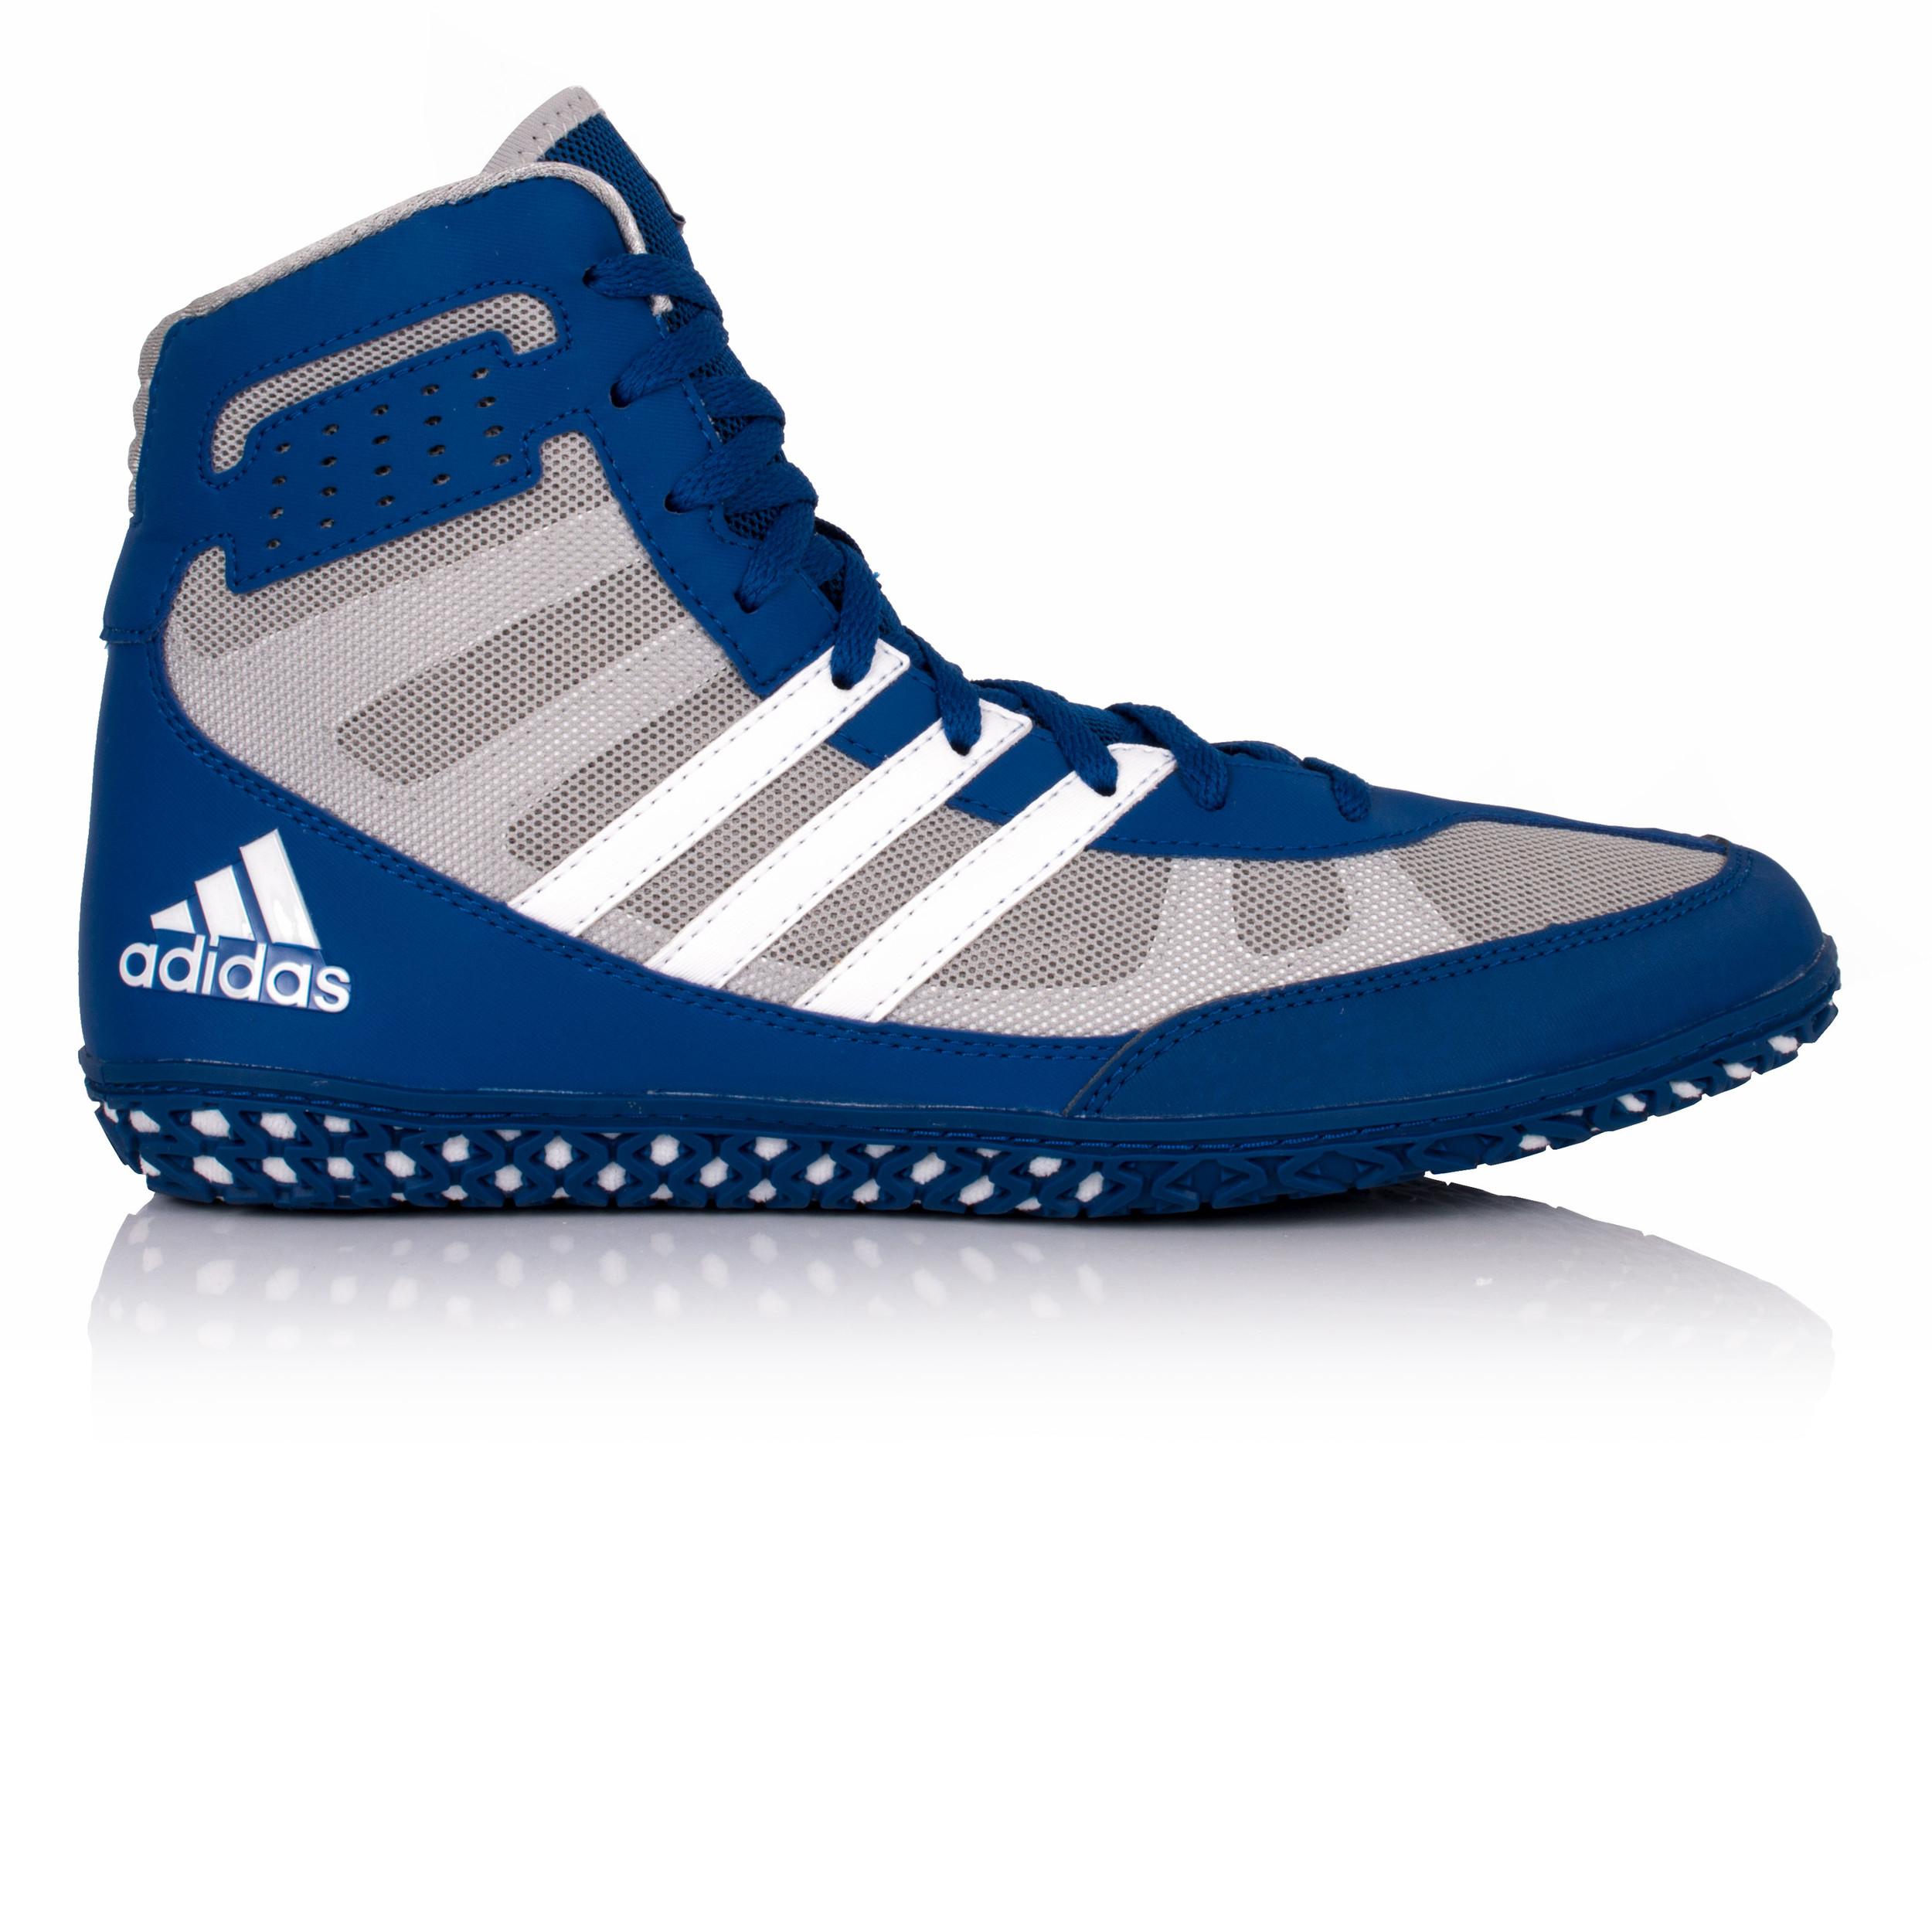 Adidas Herren Blau Grau Mat Wizard 3 Ringerstiefel Ringerschuhe Boxschuhe Schuhe